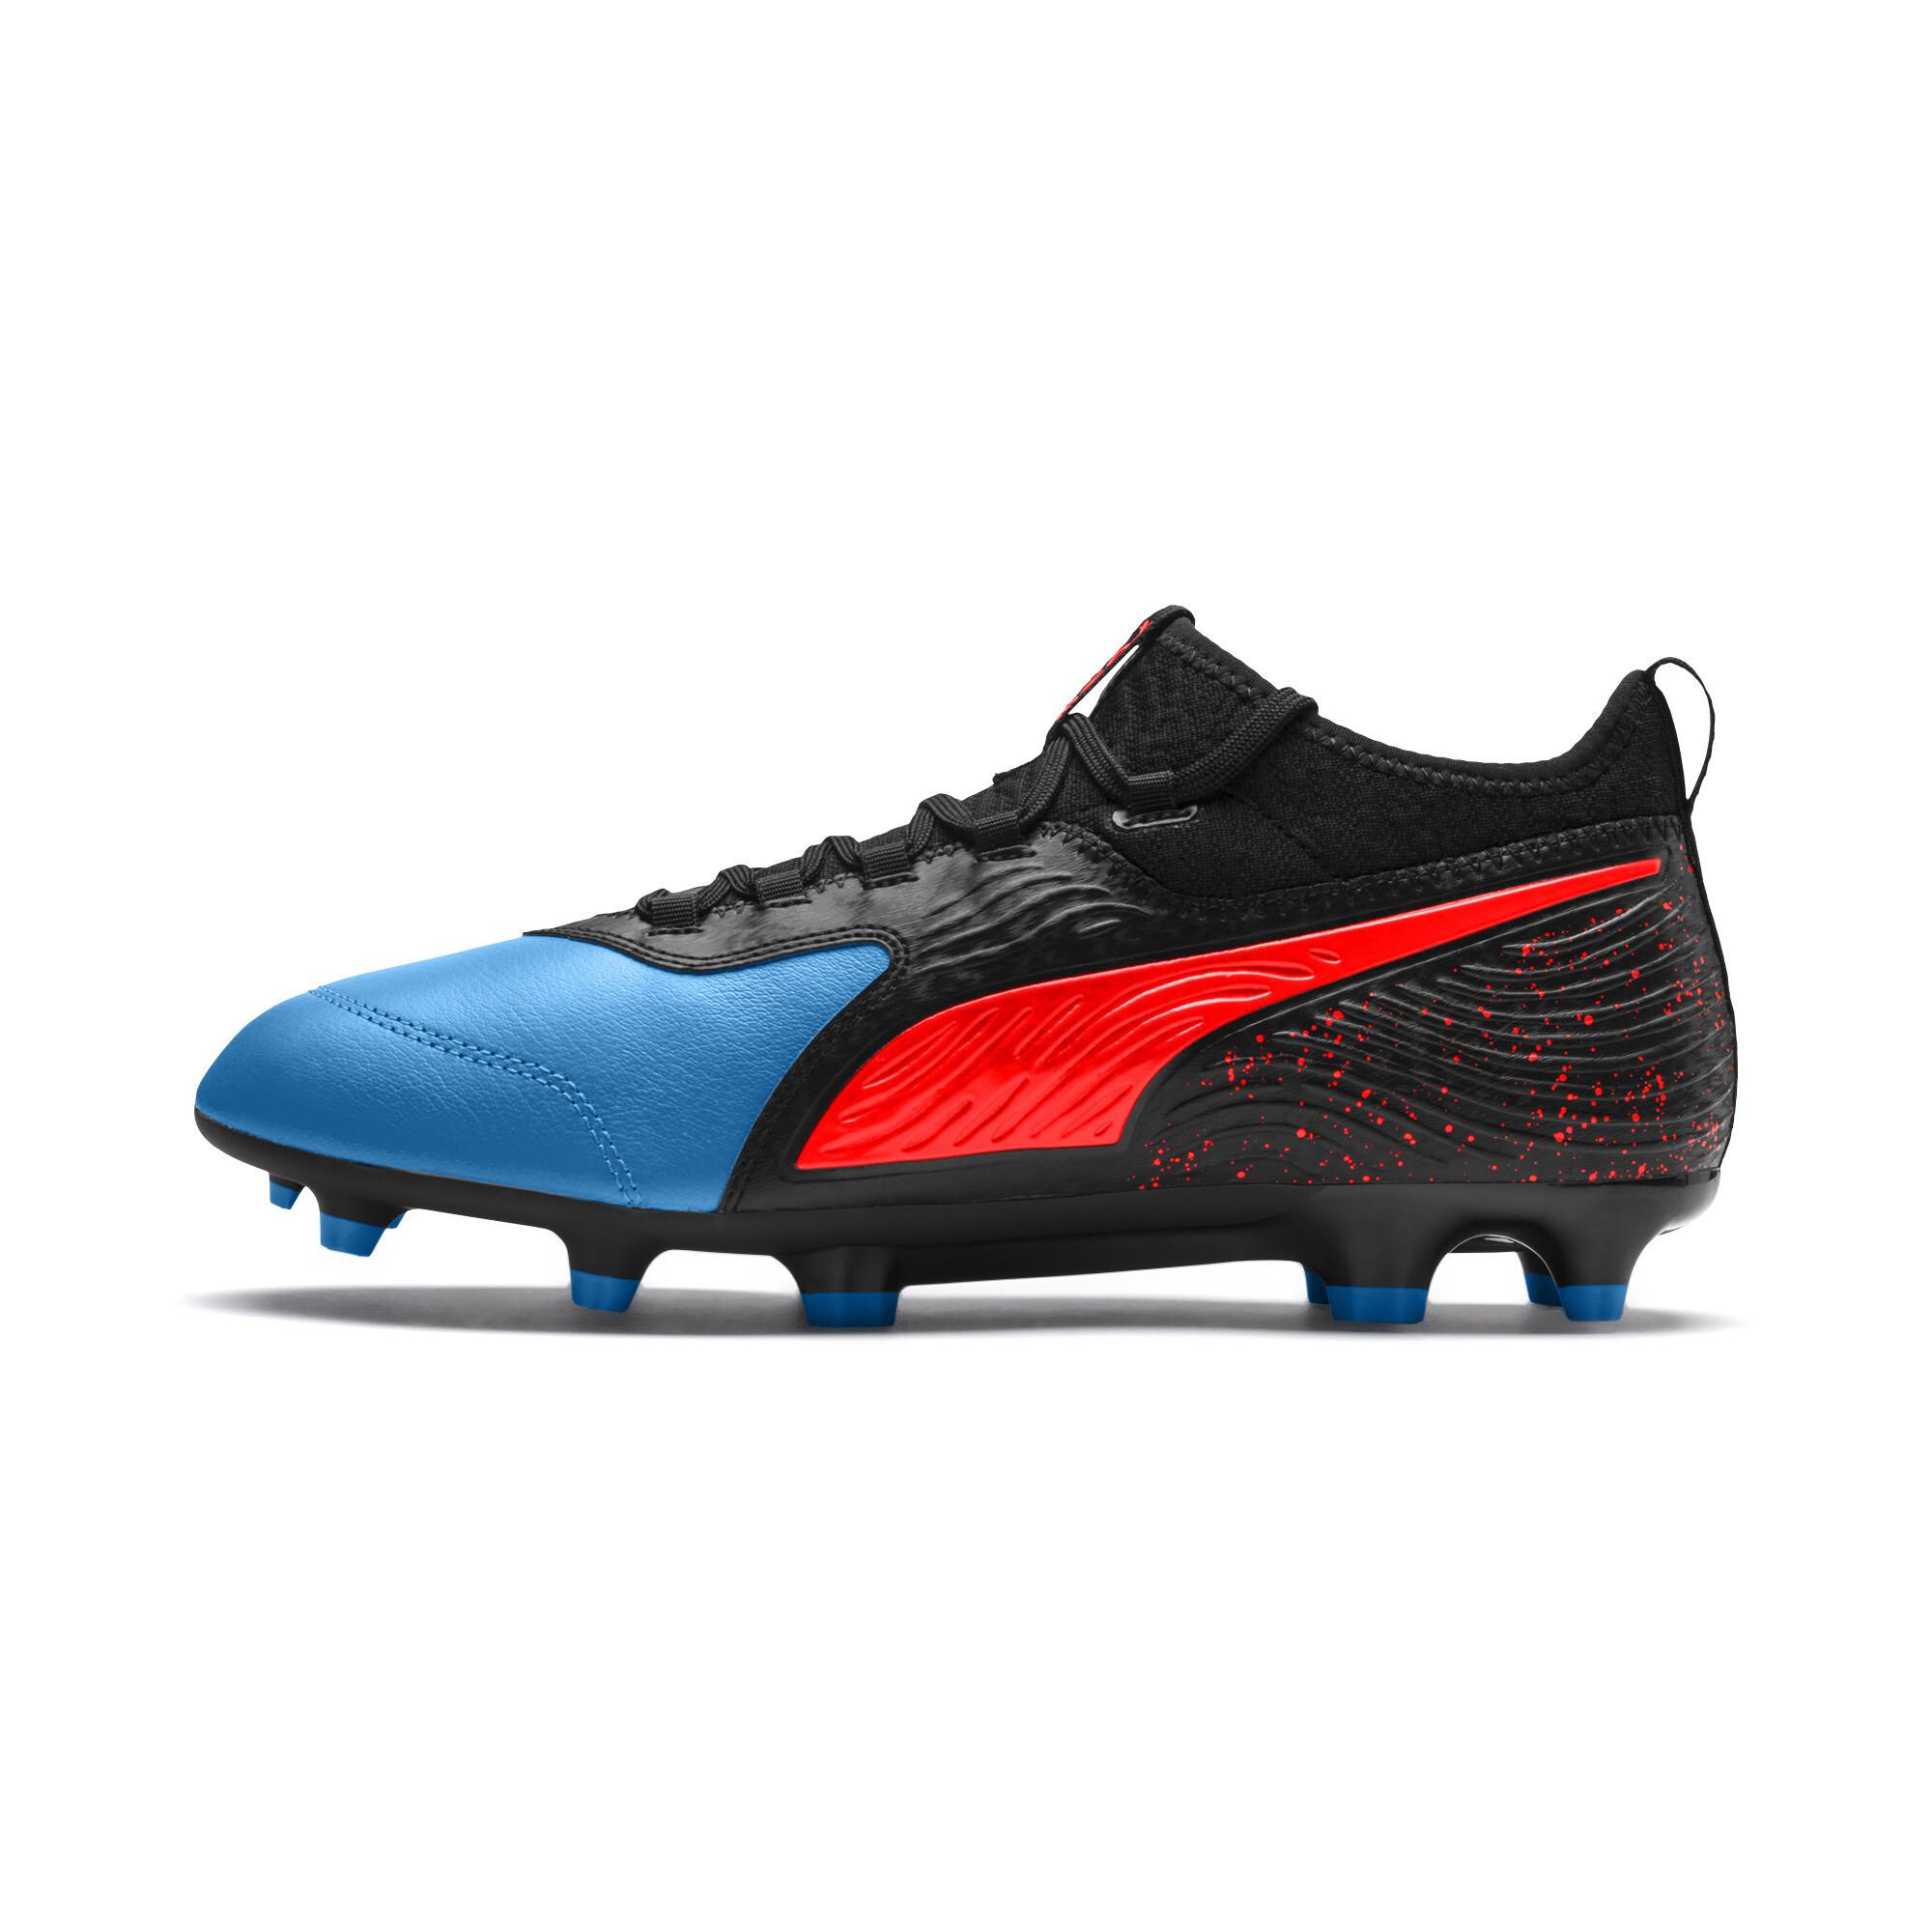 1549313b Спортивная обувь для футбола: мужские бутсы, футзалки и сороконожки PUMA